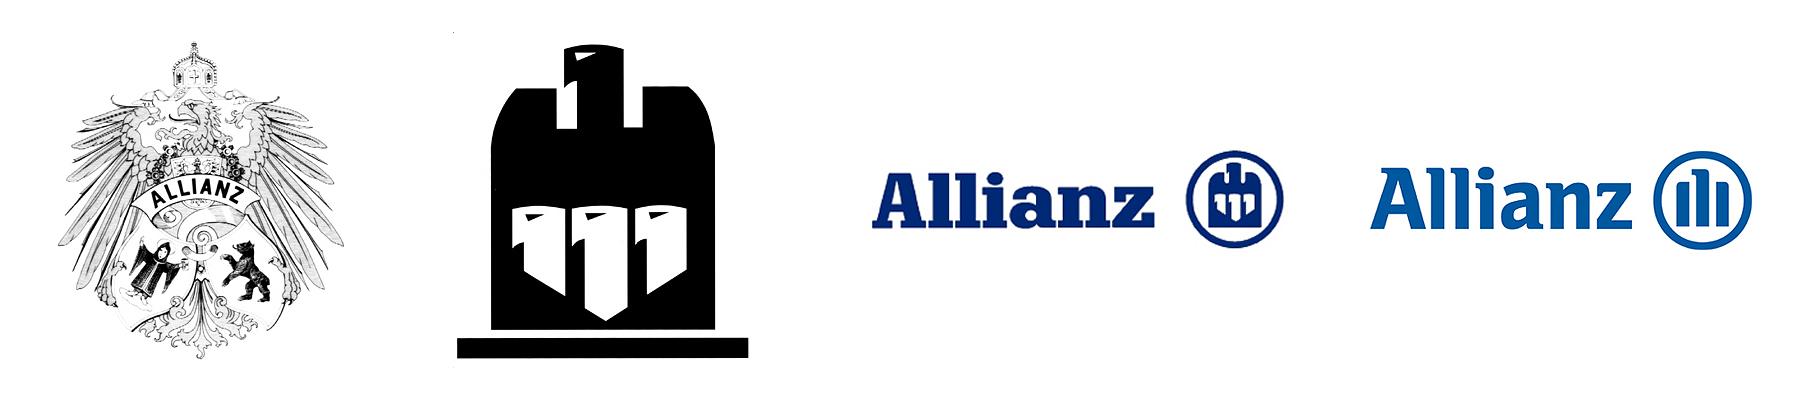 Allianz logo (1977.